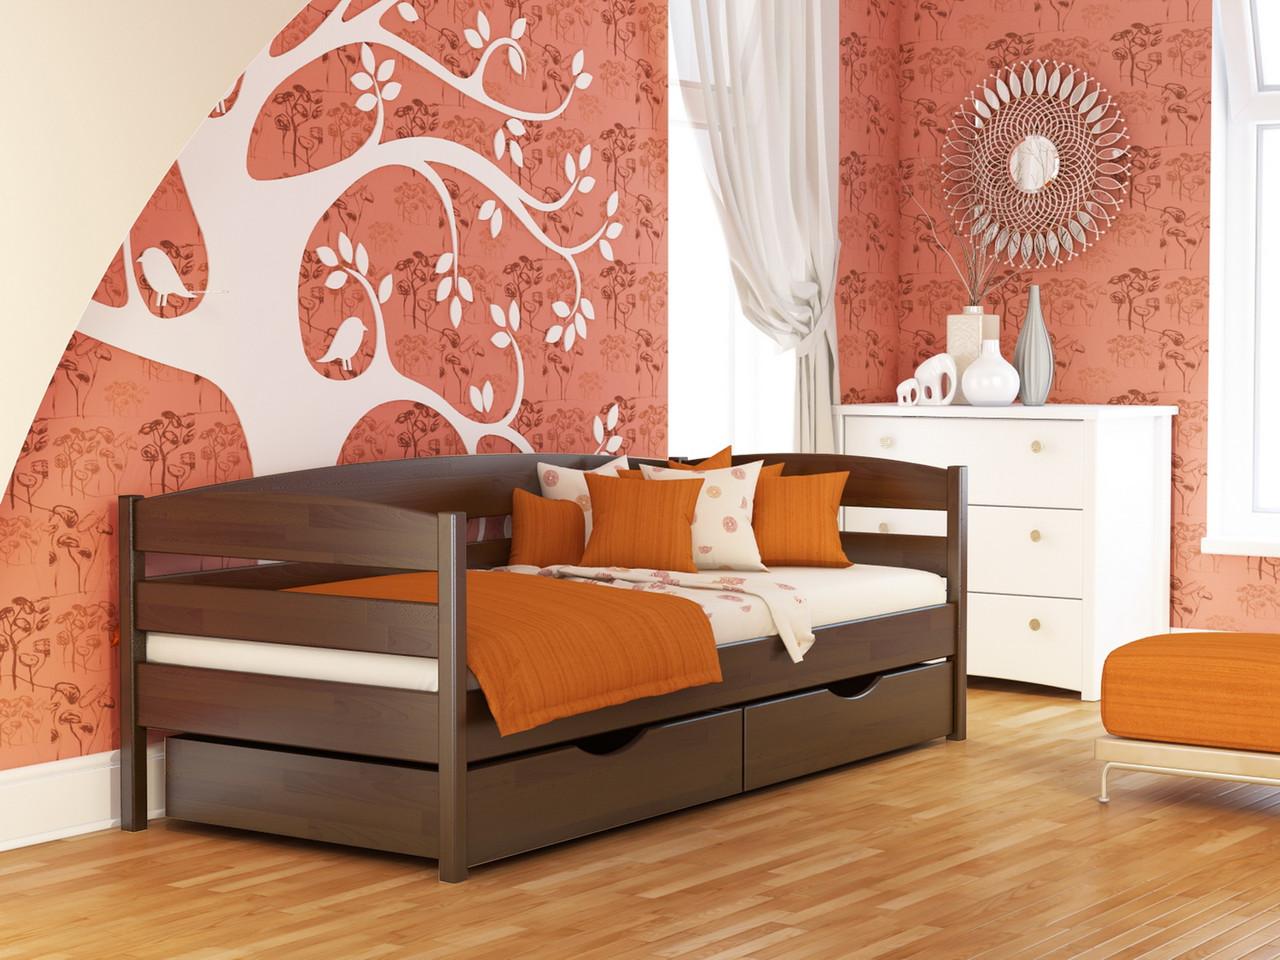 Ліжко Нота Плюс (90*200) (Бук/Масив) (з доставкою)